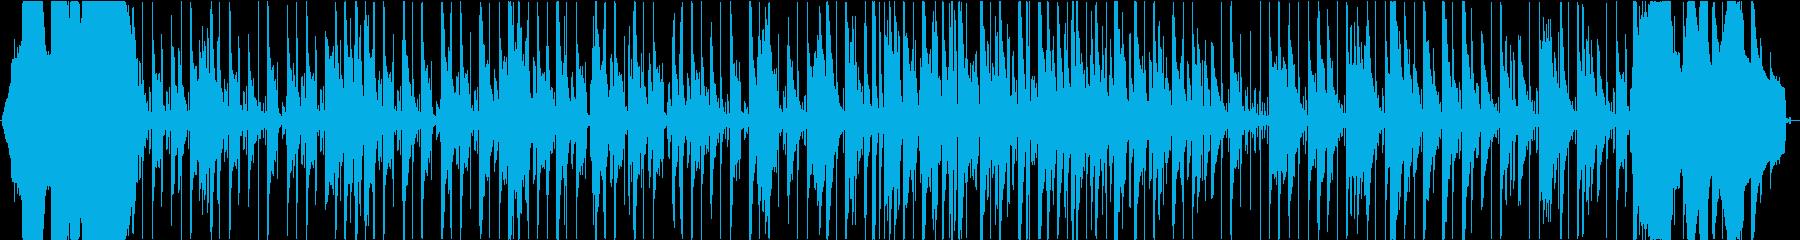 ピアノフォルテの雰囲気。リバースク...の再生済みの波形